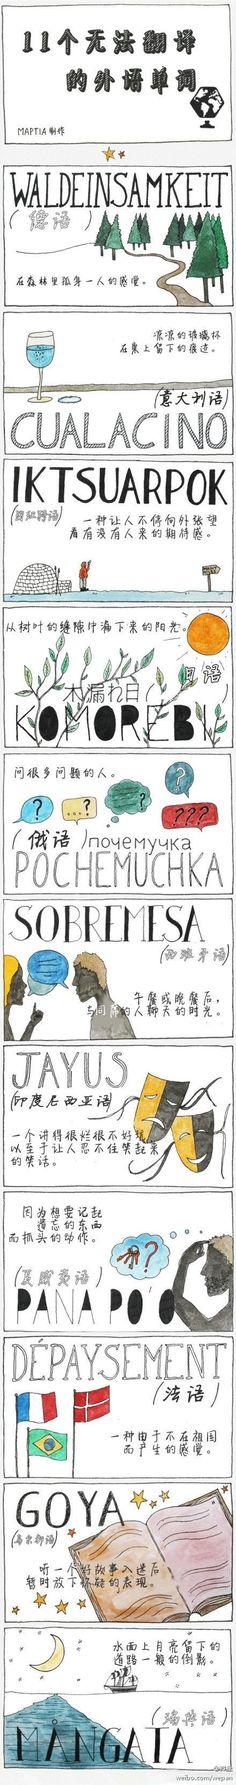 11个无法翻译的外语单词 | LAM